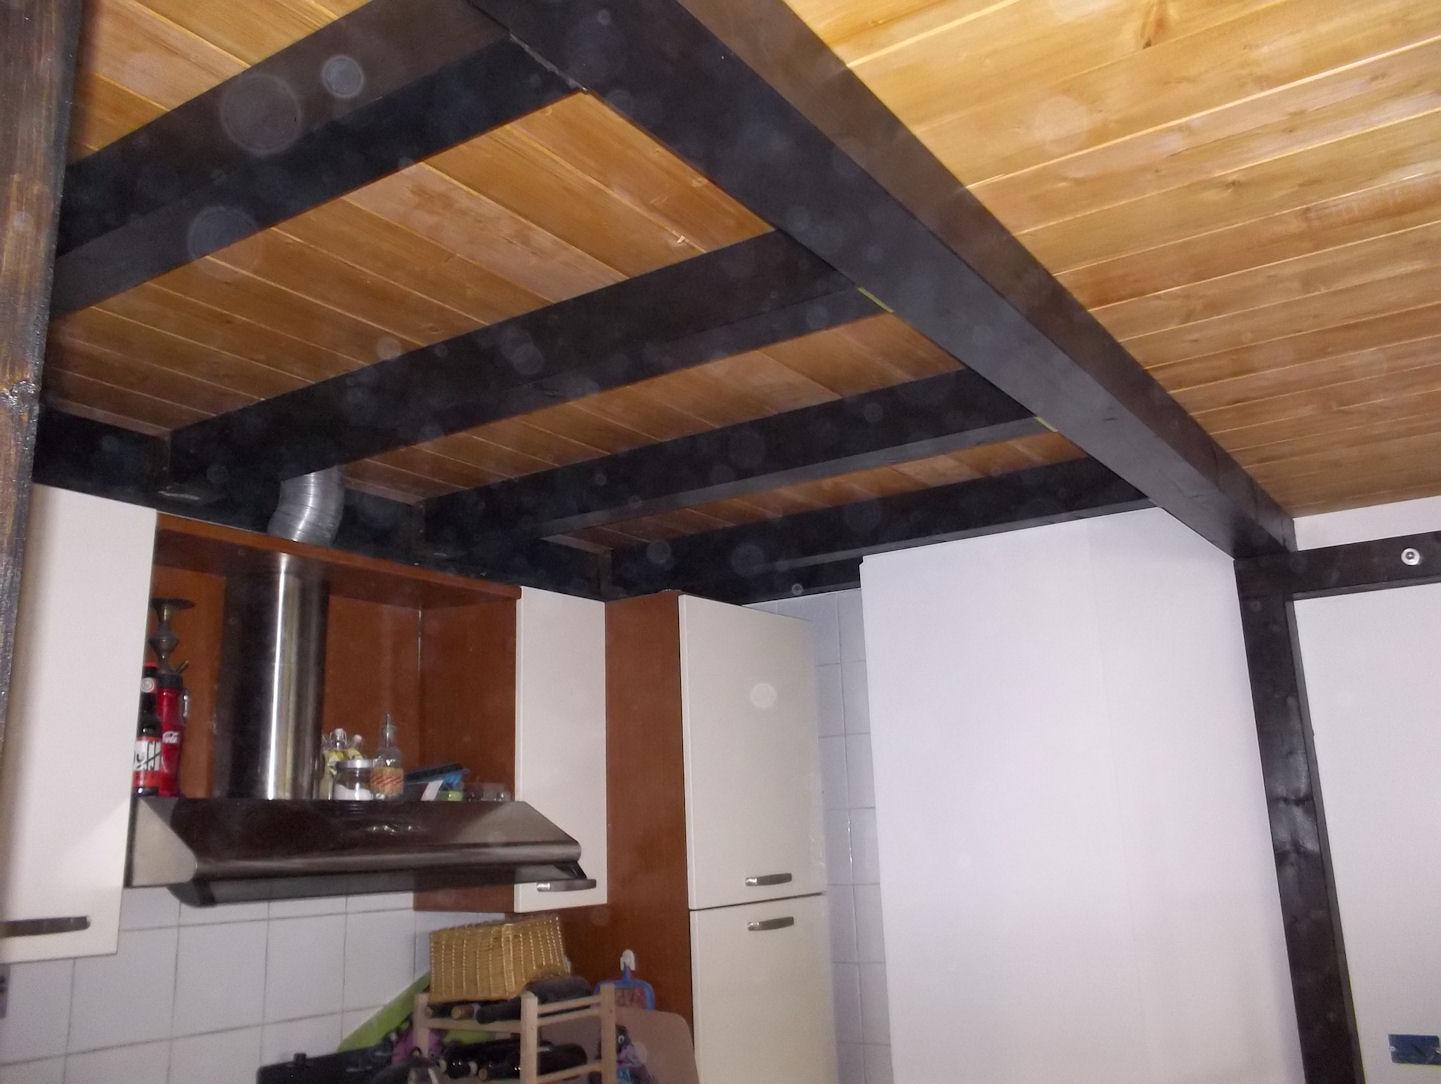 Soppalco In Legno : Soppalco in legno id dbannunci